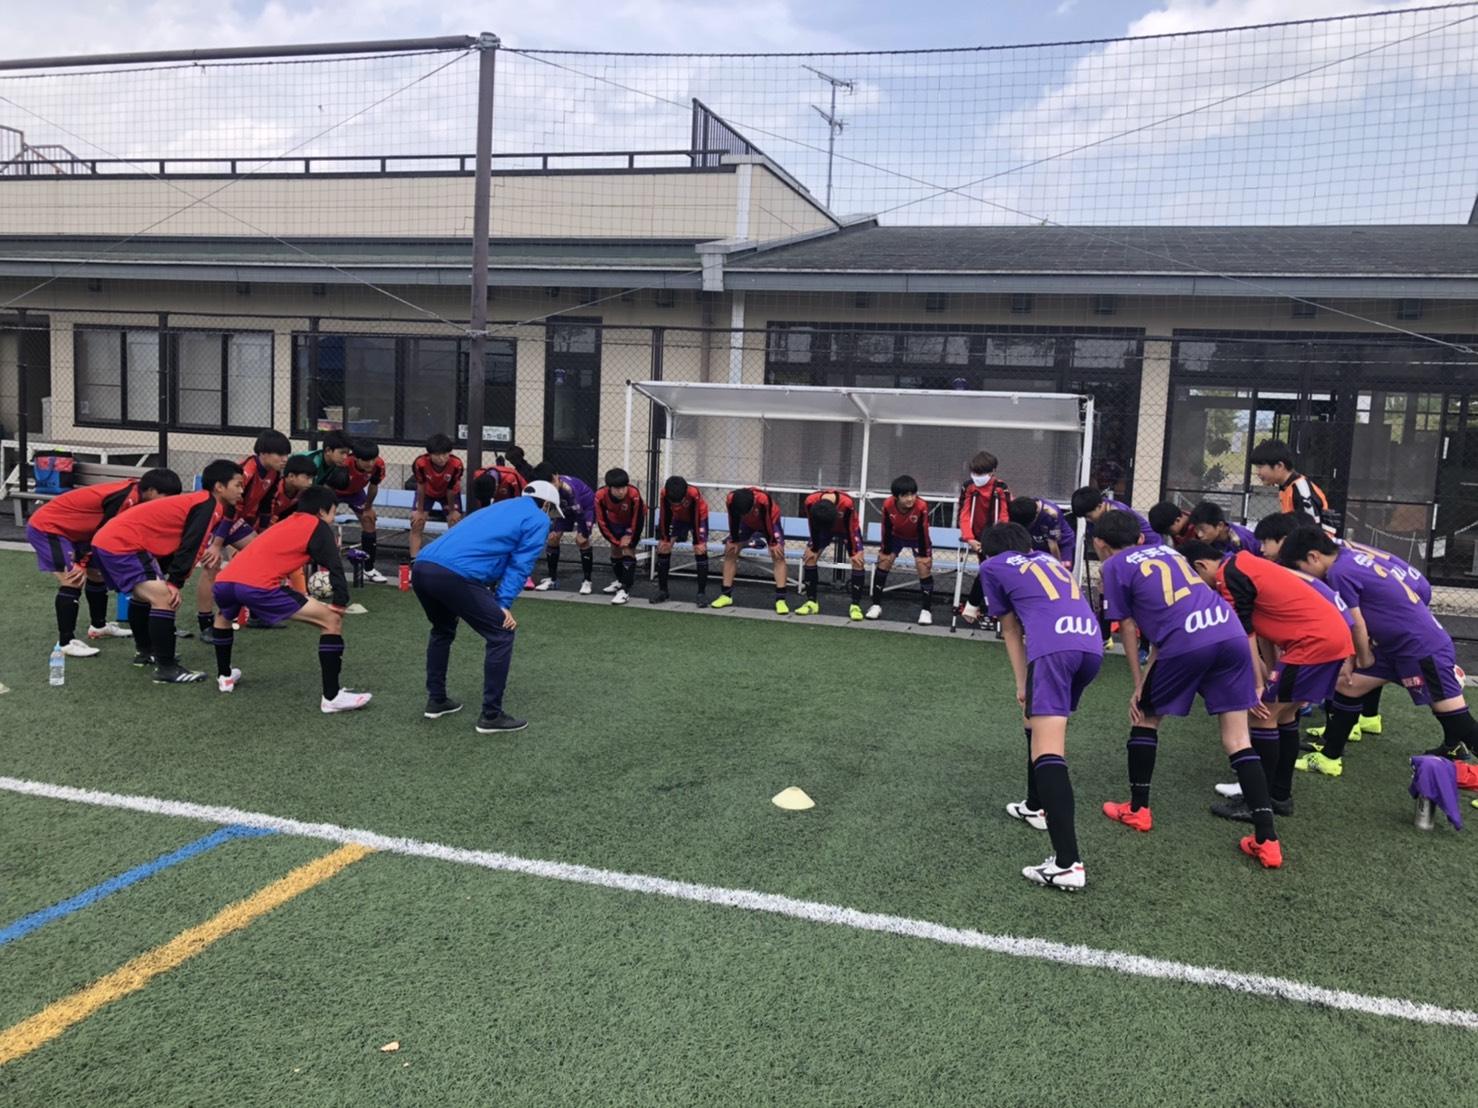 【U-15】クラブユース選手権滋賀県大会決勝トーナメント